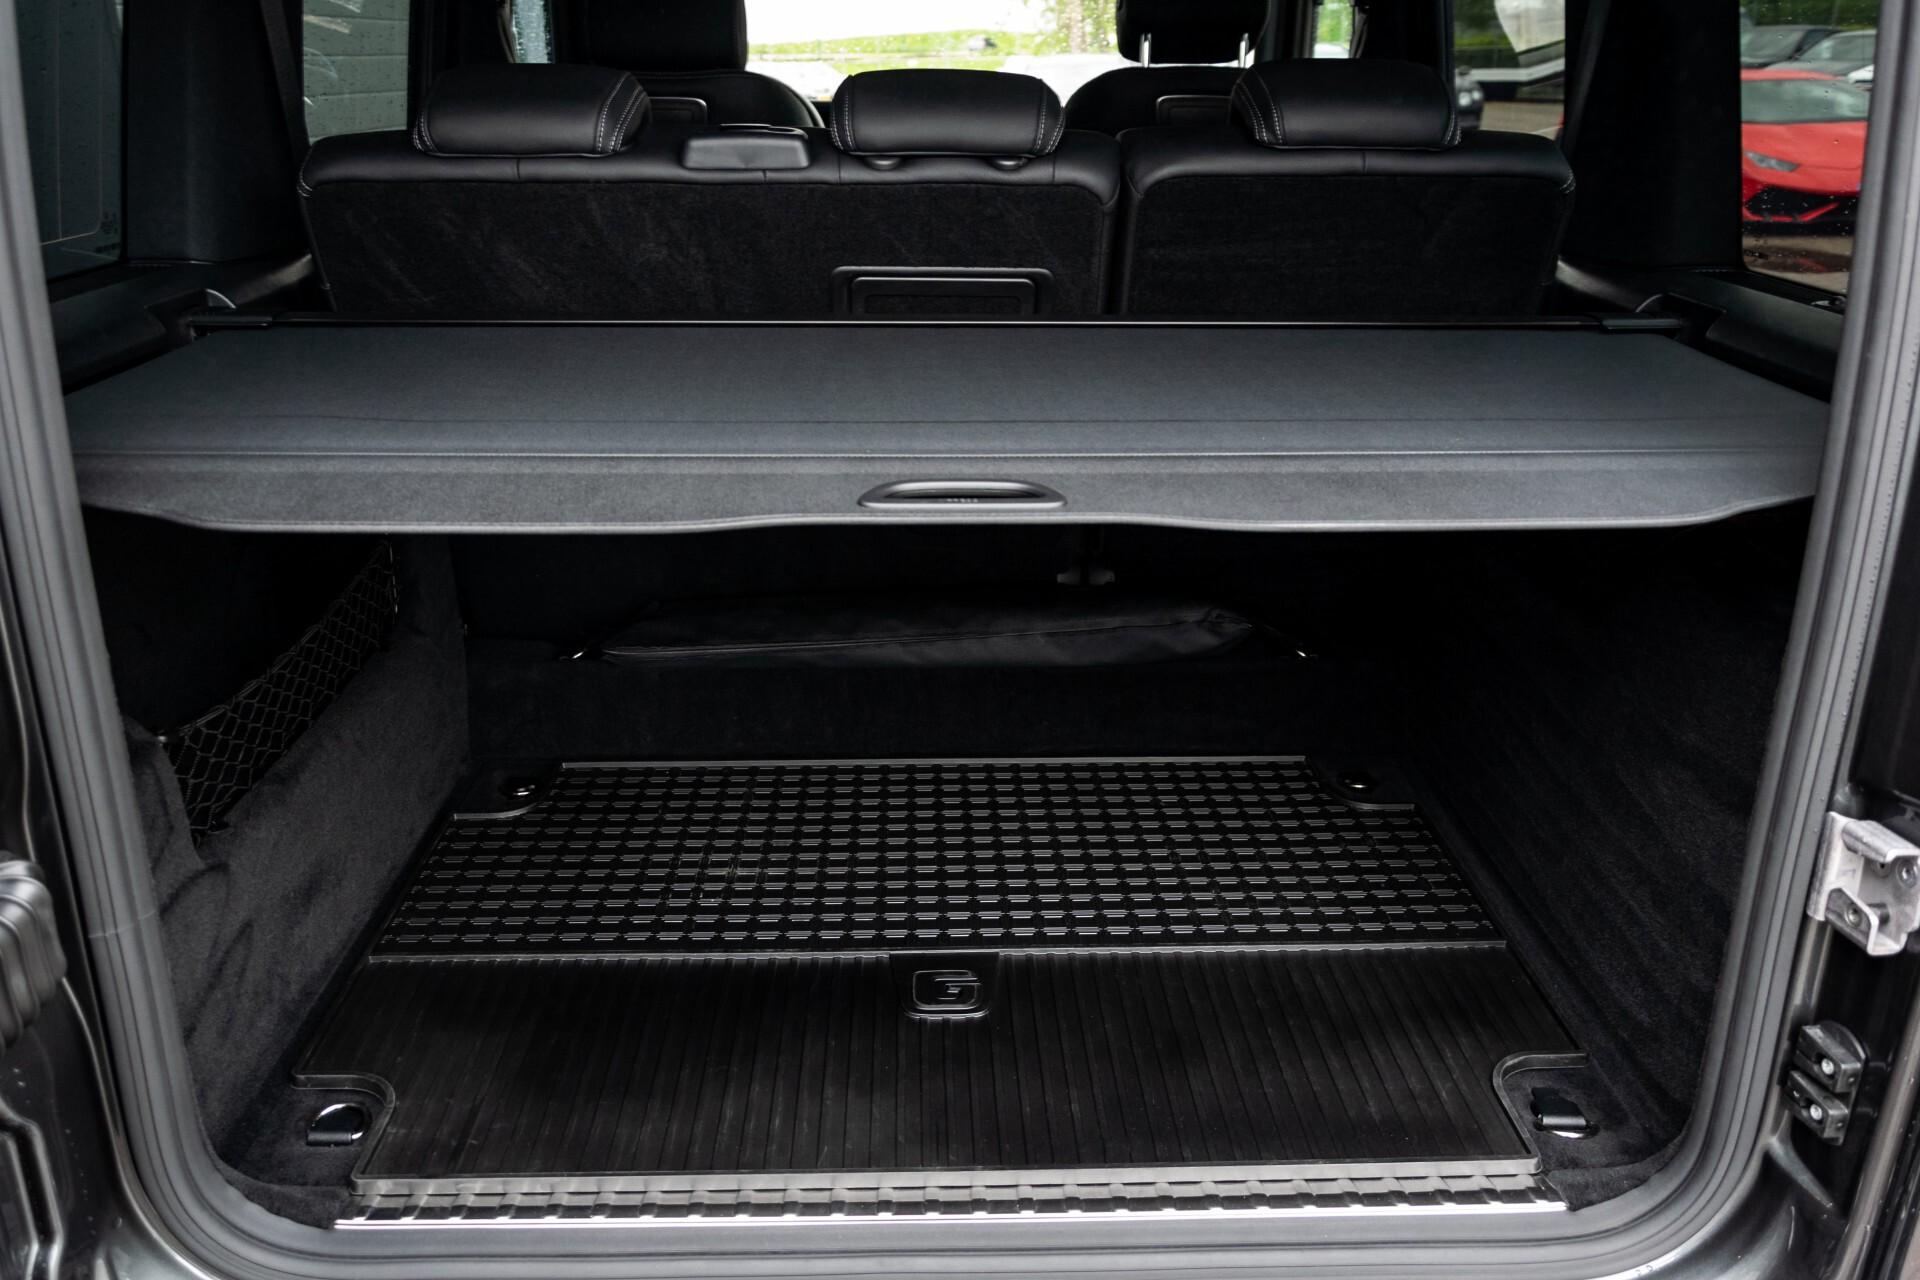 Mercedes-Benz G-Klasse 500 AMG Massage/Entertainment/Manufaktur/Standkachel/Distronic/RVS Aut9 Foto 54